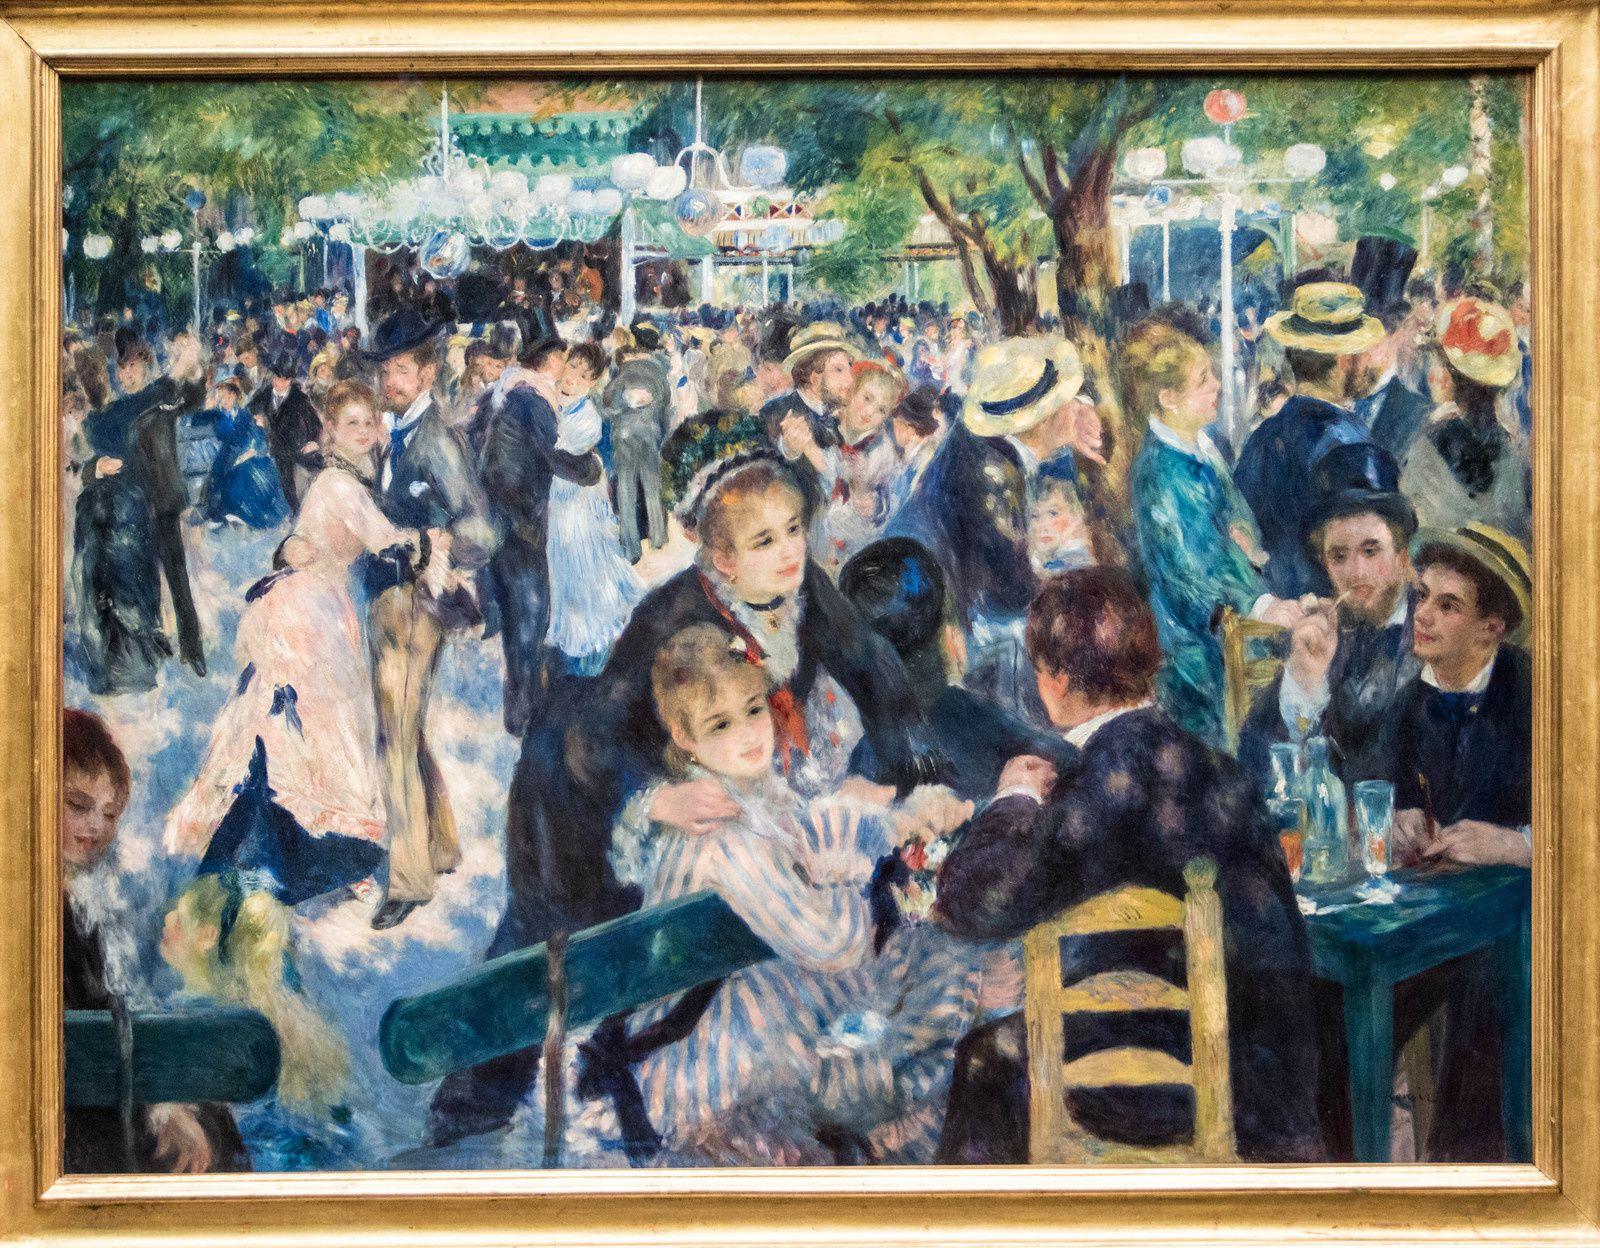 Peintures de Renoir